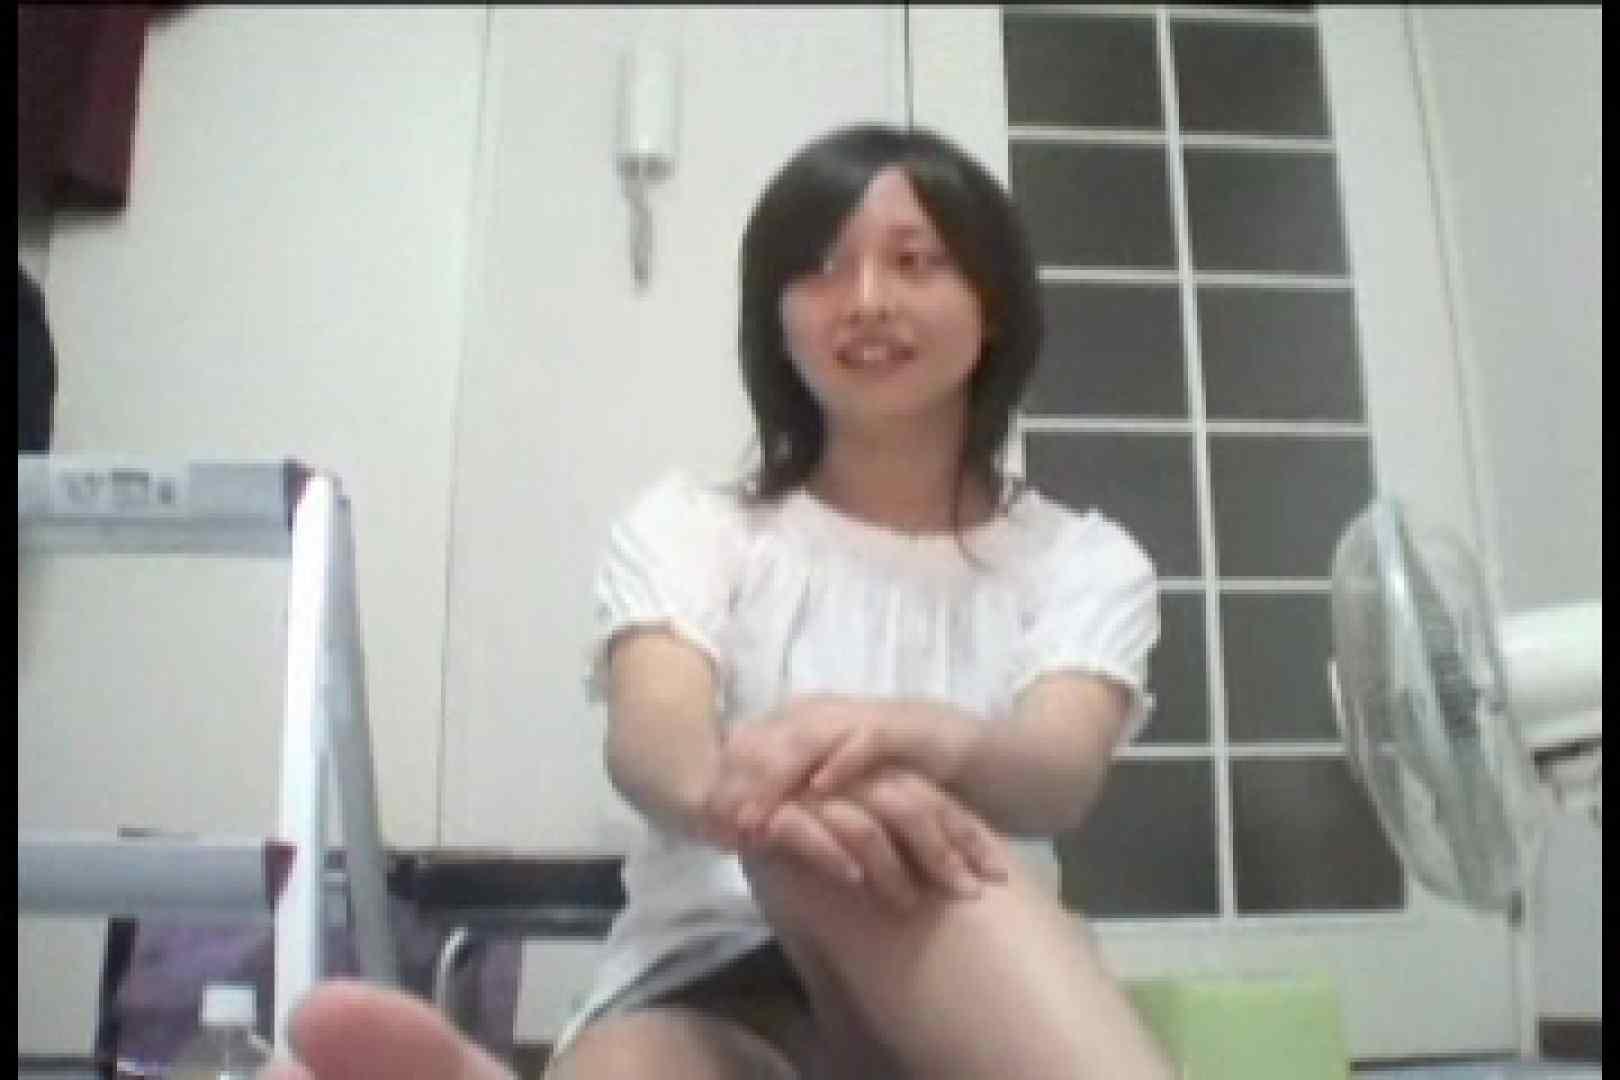 パンツ売りの女の子 むみちゃんvol.1 OL  112pic 84